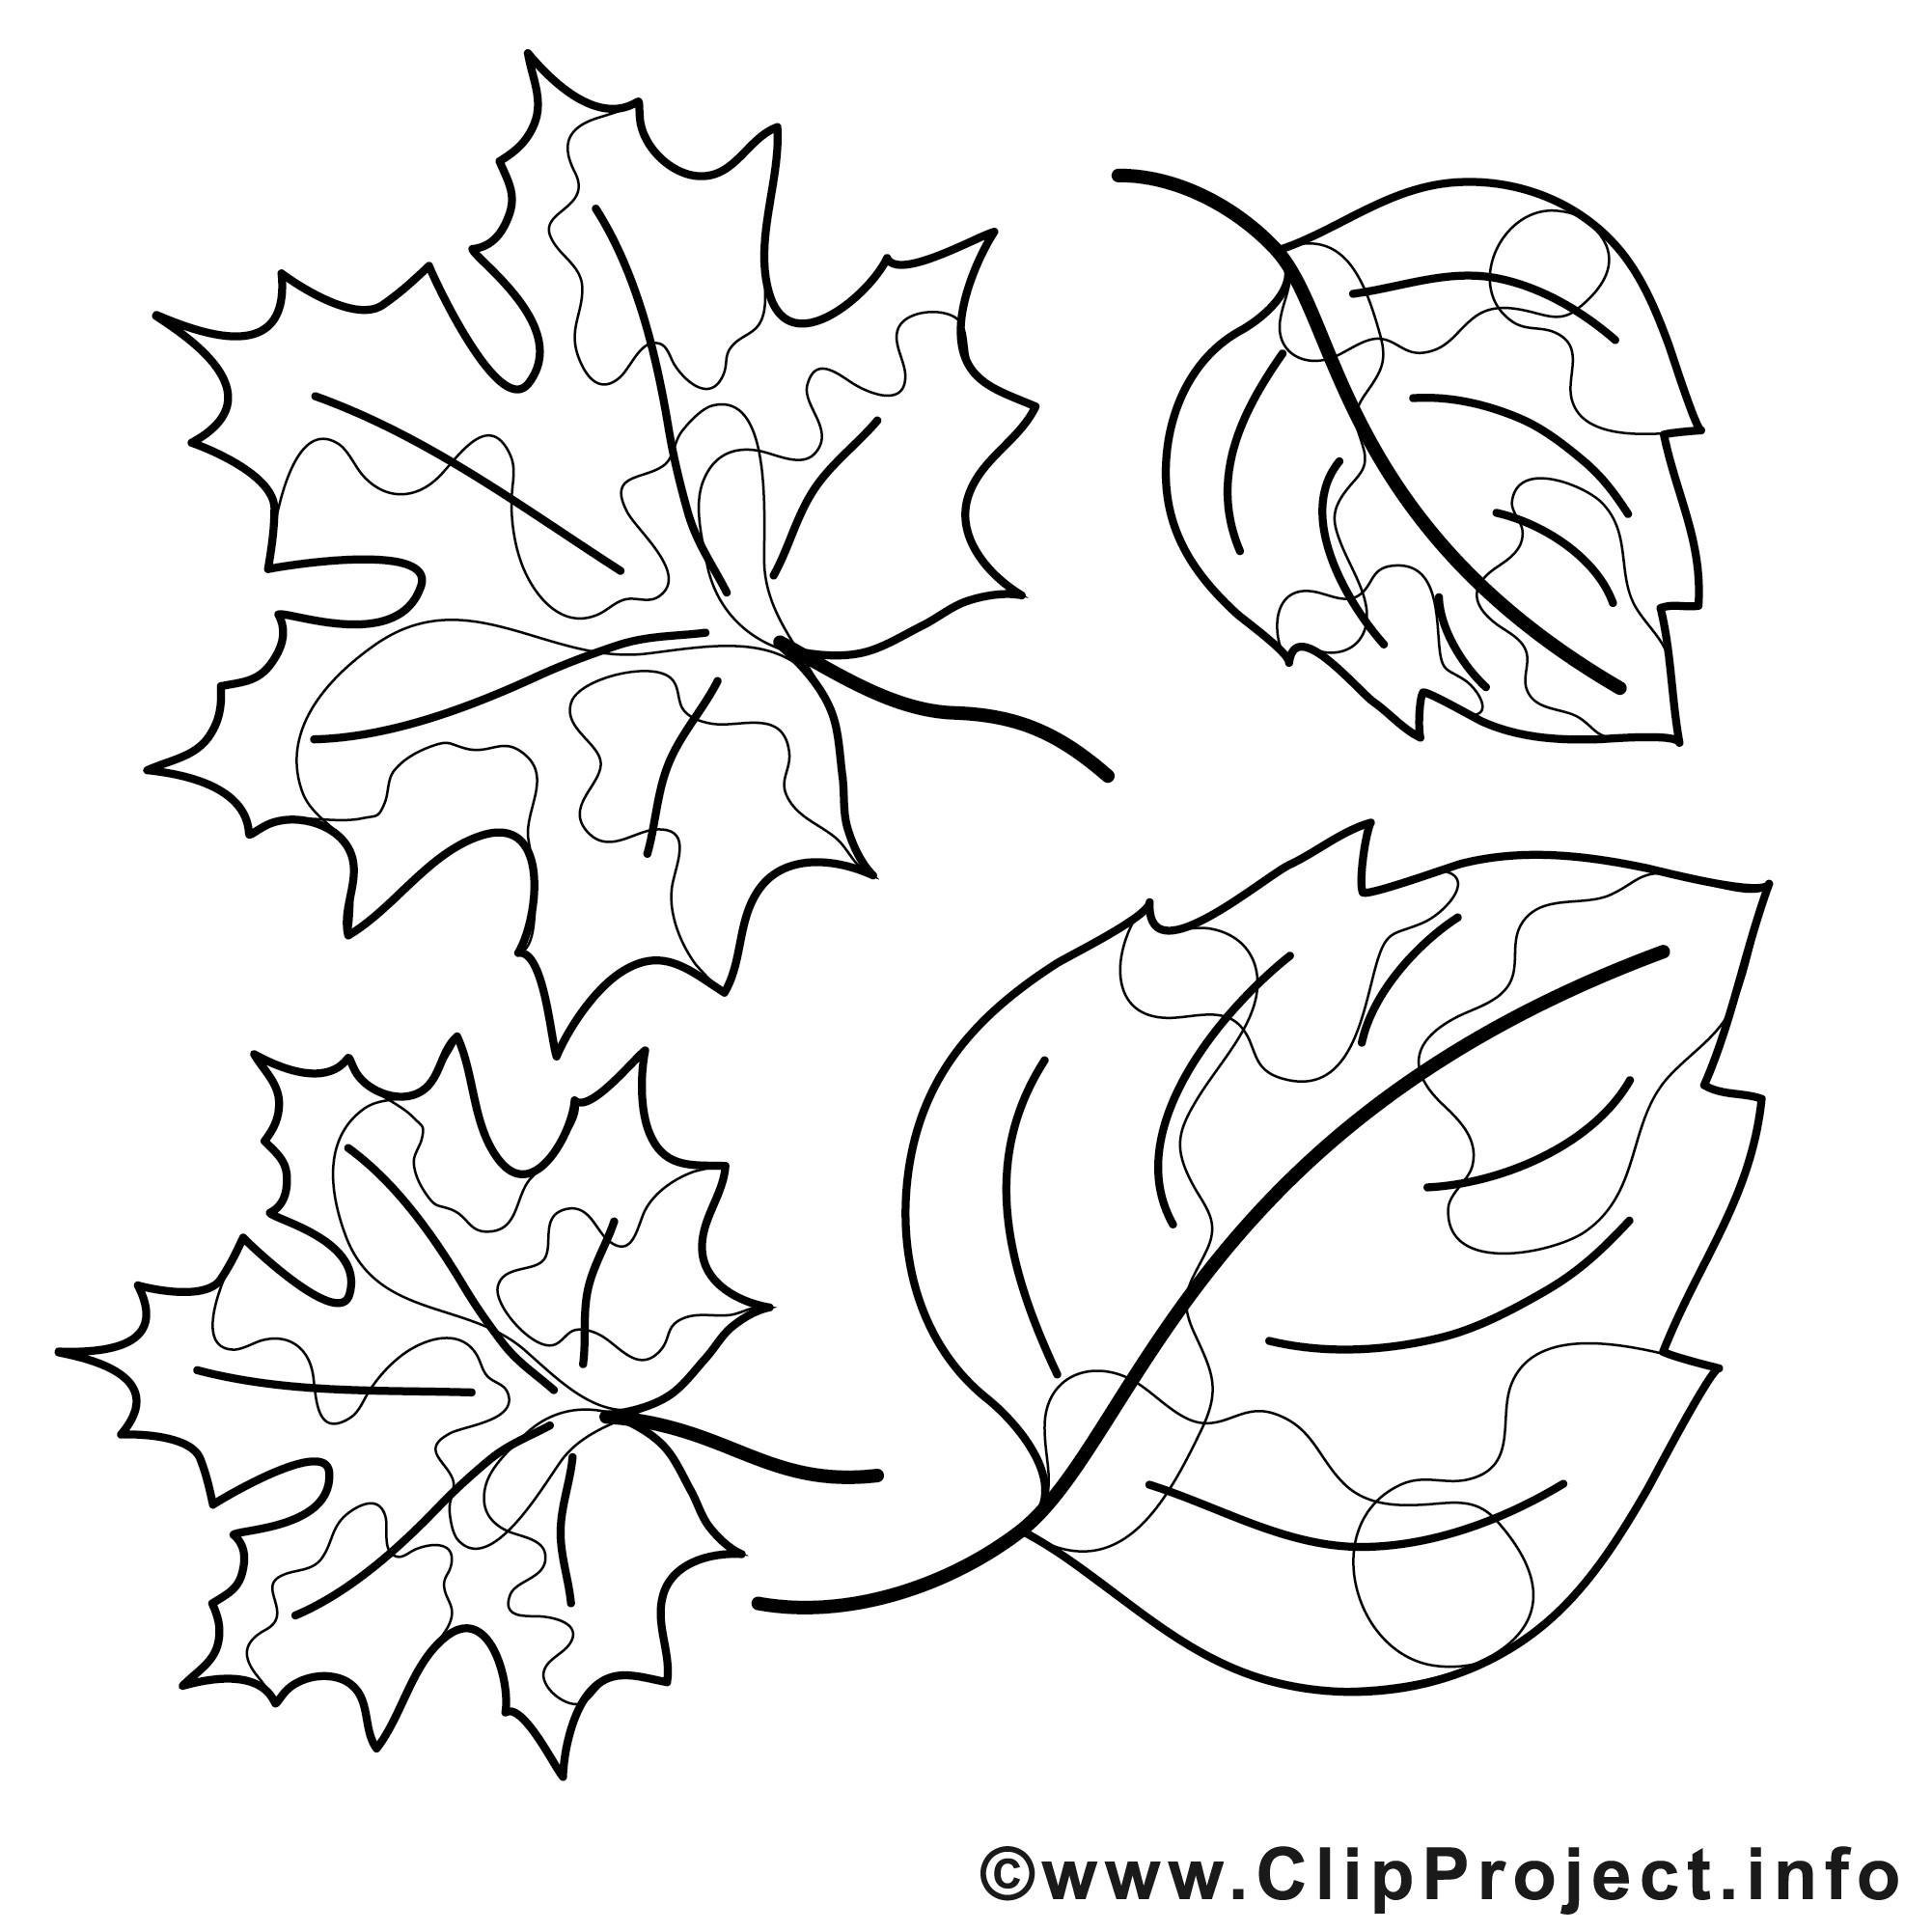 Ausmalbilder Herbst Drachen Kostenlos  Ausmalbilder herbst kostenlos Malvorlagen zum ausdrucken